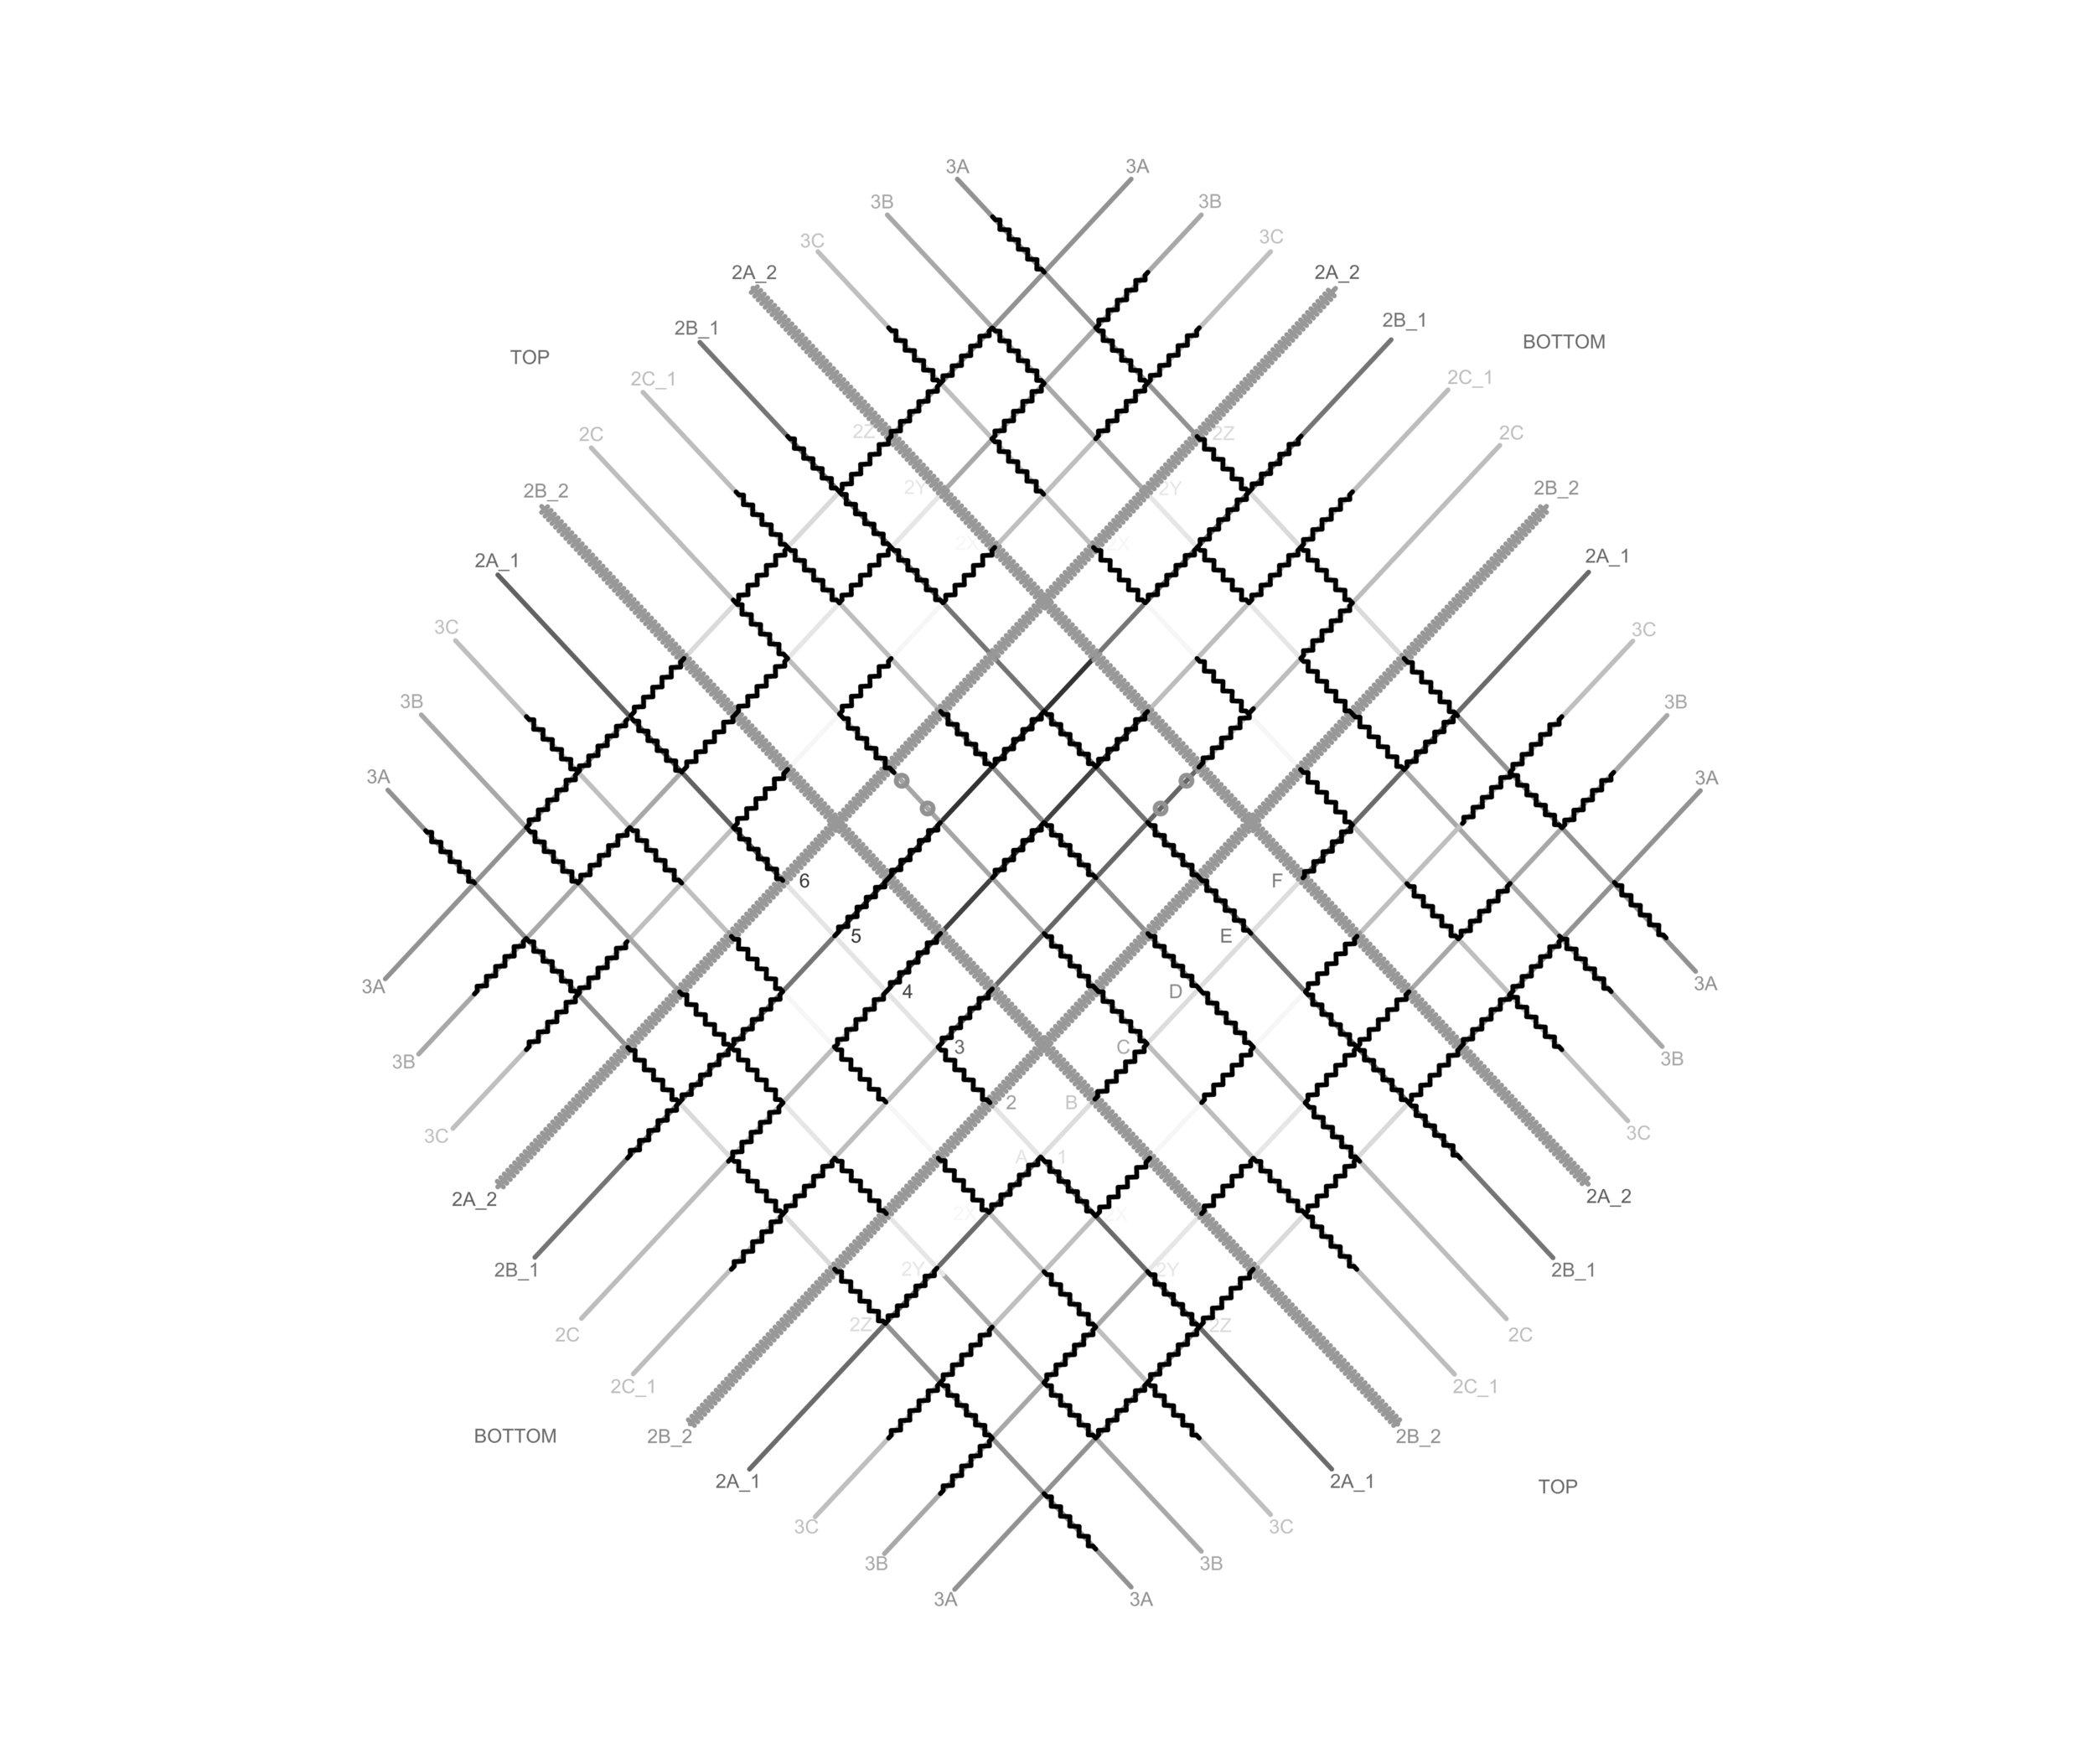 20160922 Tedx lighting diagram_BW_ut.jpg